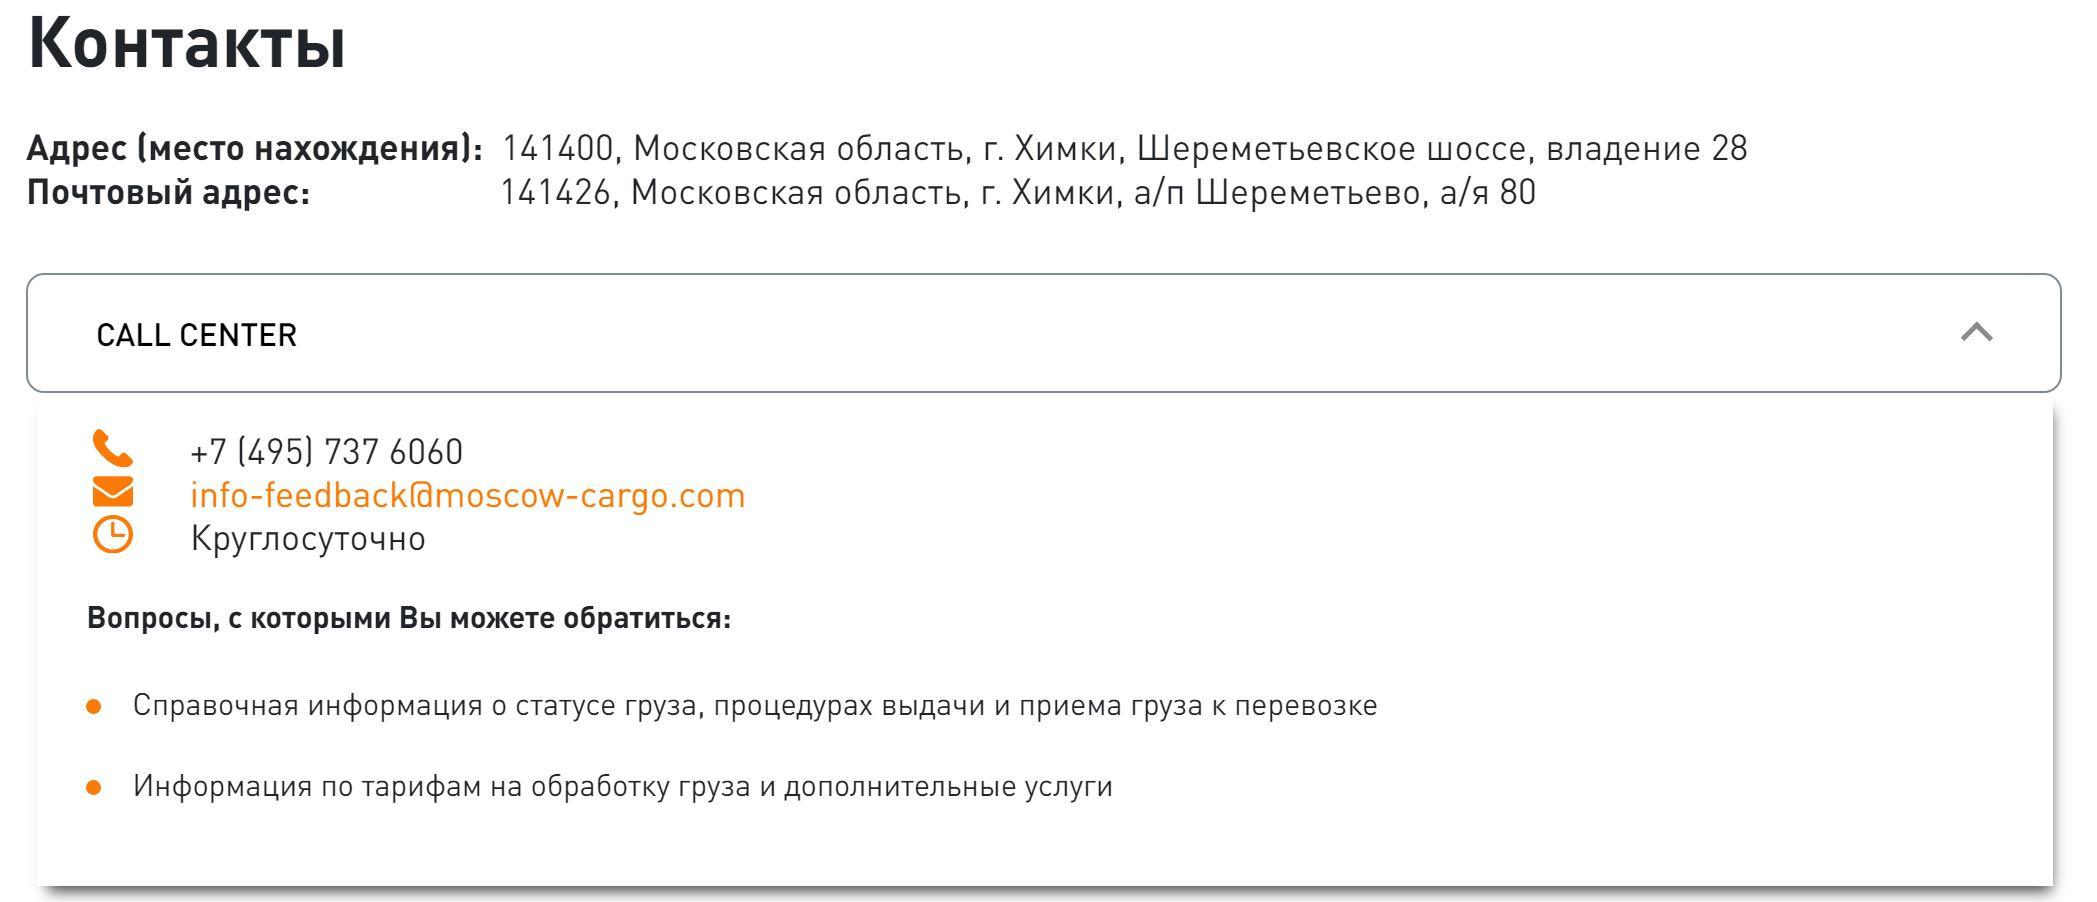 Москва-Карго осуществляет консультации по следующим контактным данным: +7 (495) 737-60-60 E-mail: info@moscow-cargo.com